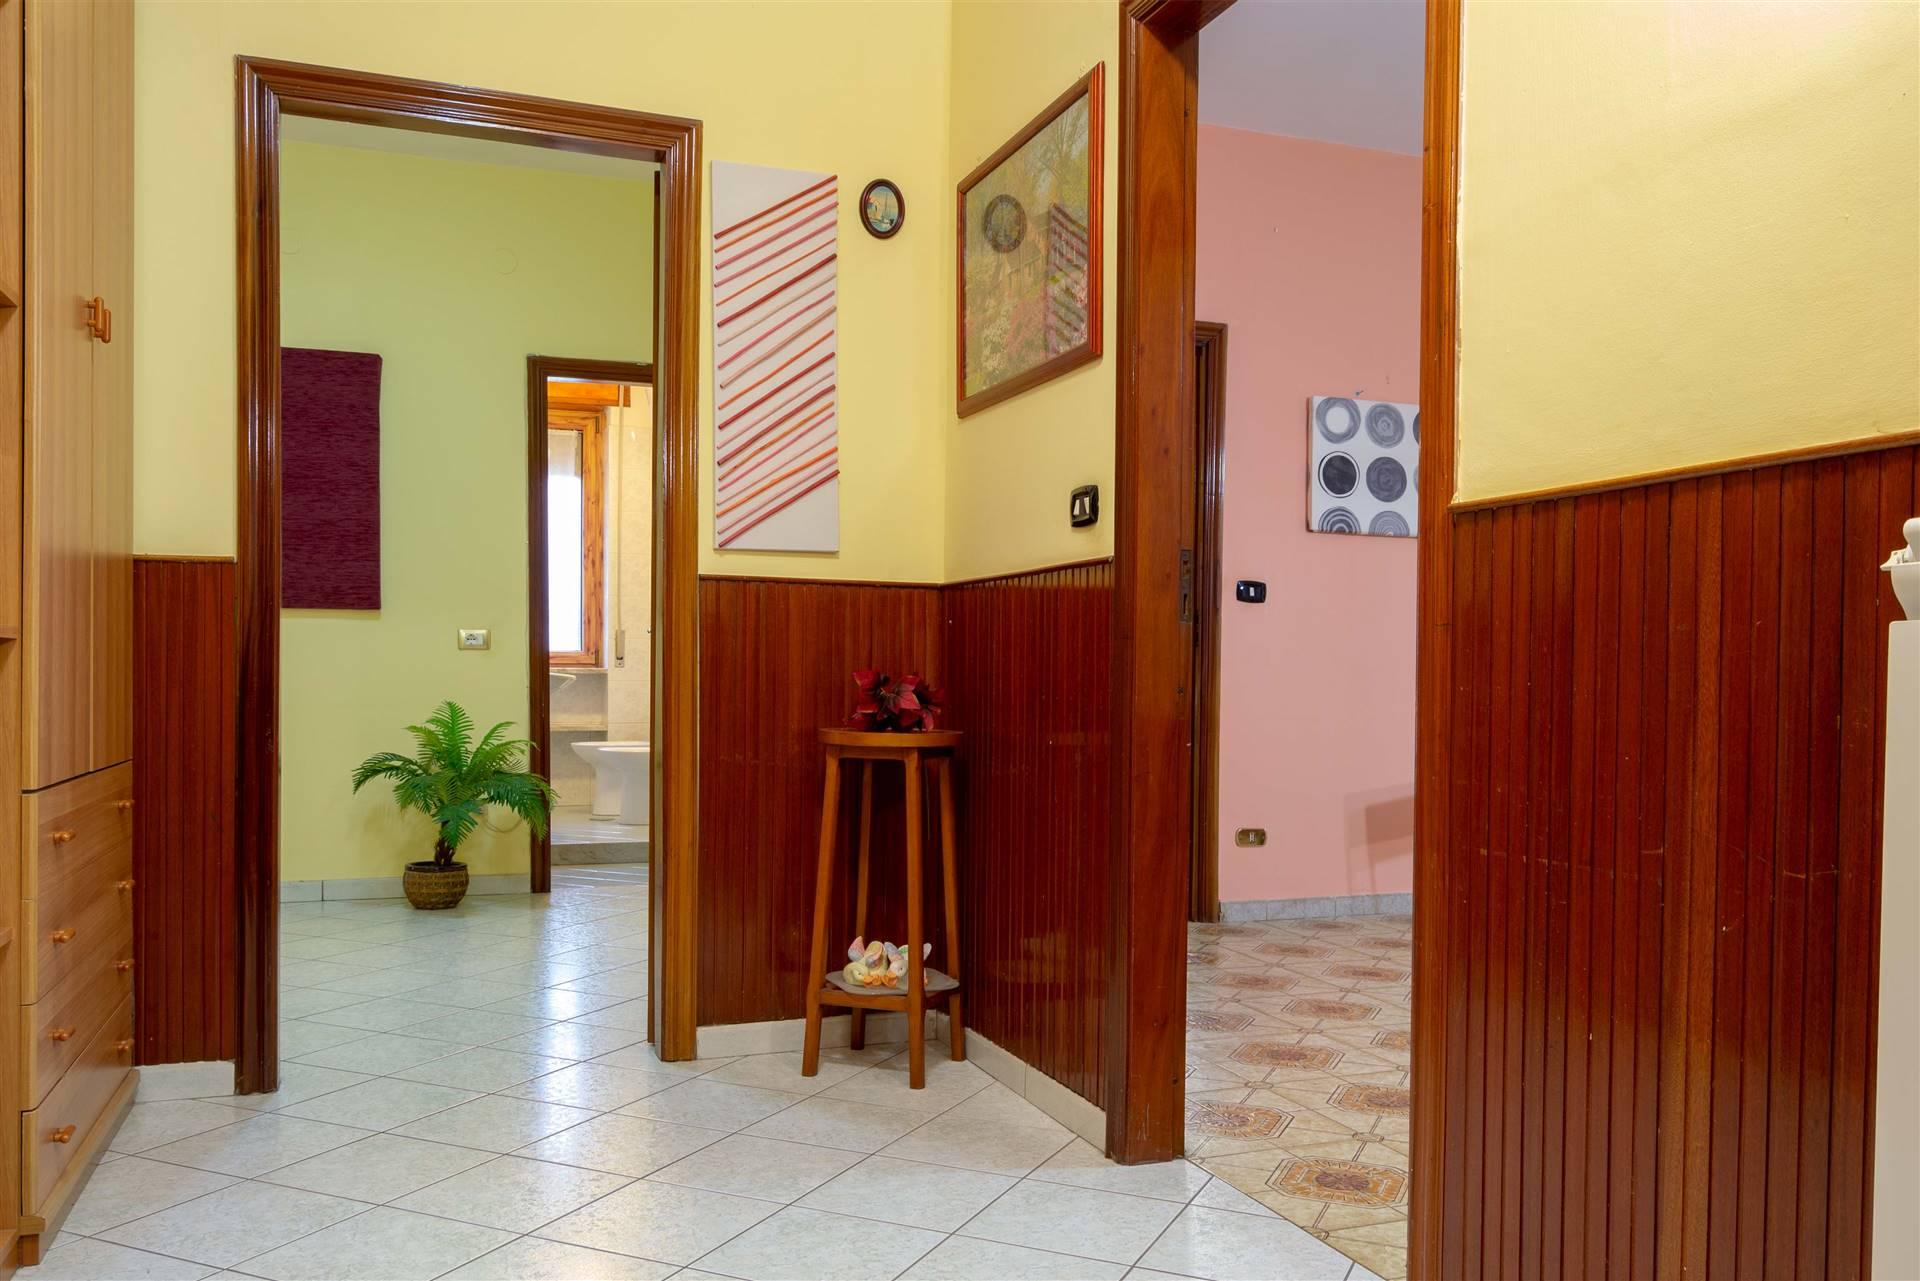 Appartamento in vendita a Mercogliano, 3 locali, prezzo € 118.000 | CambioCasa.it